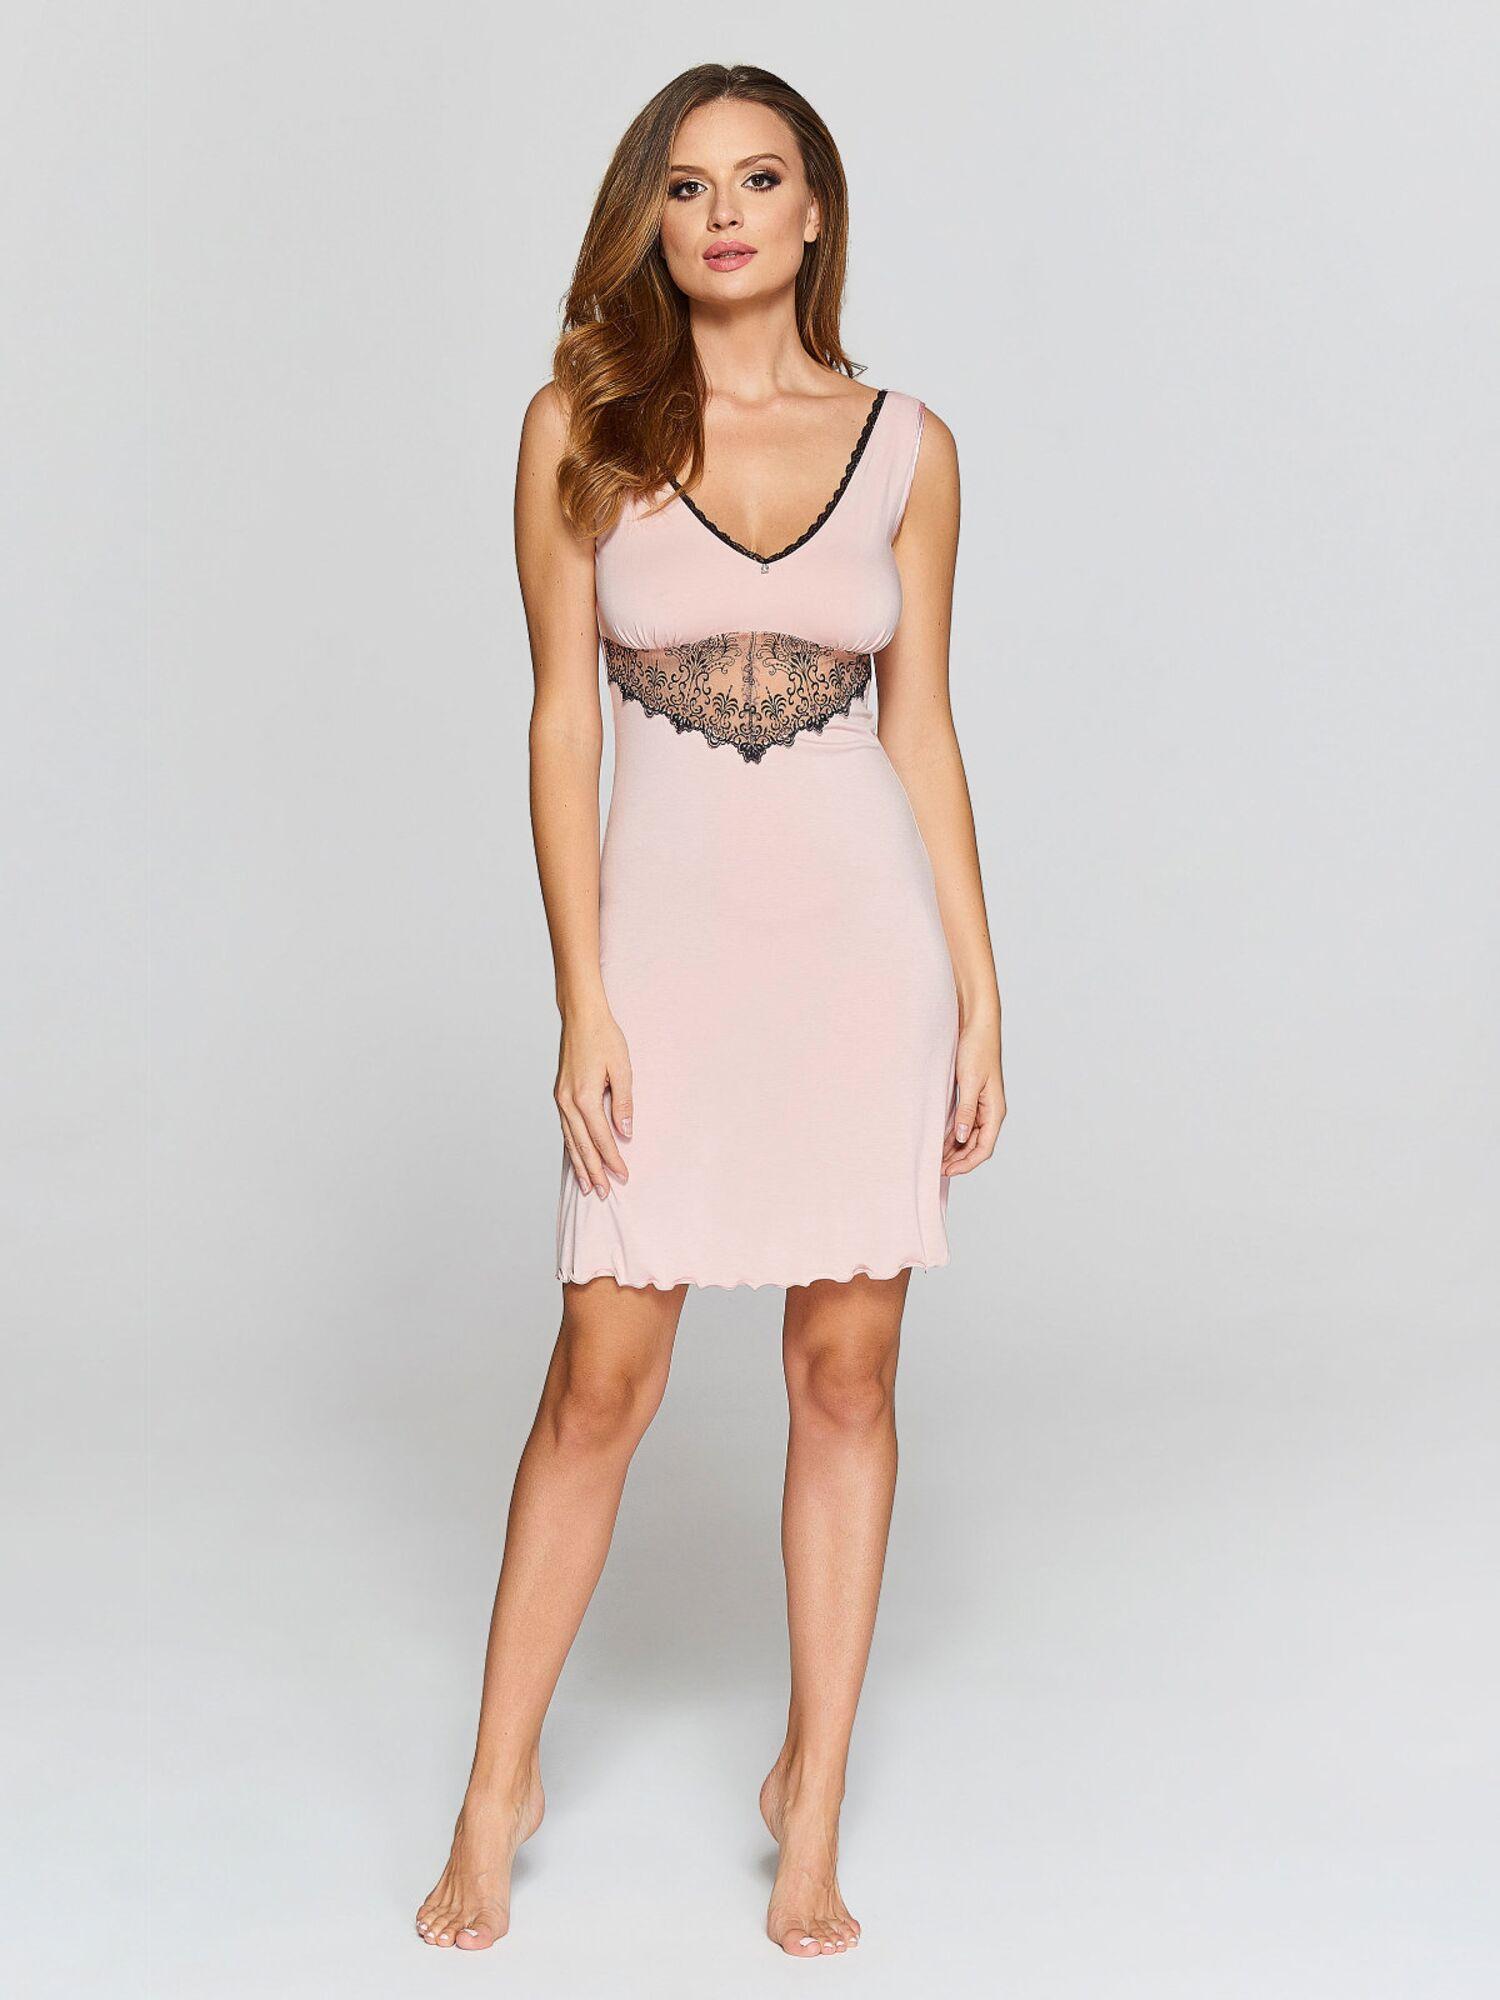 Сорочка женская IC 022 св.розовая